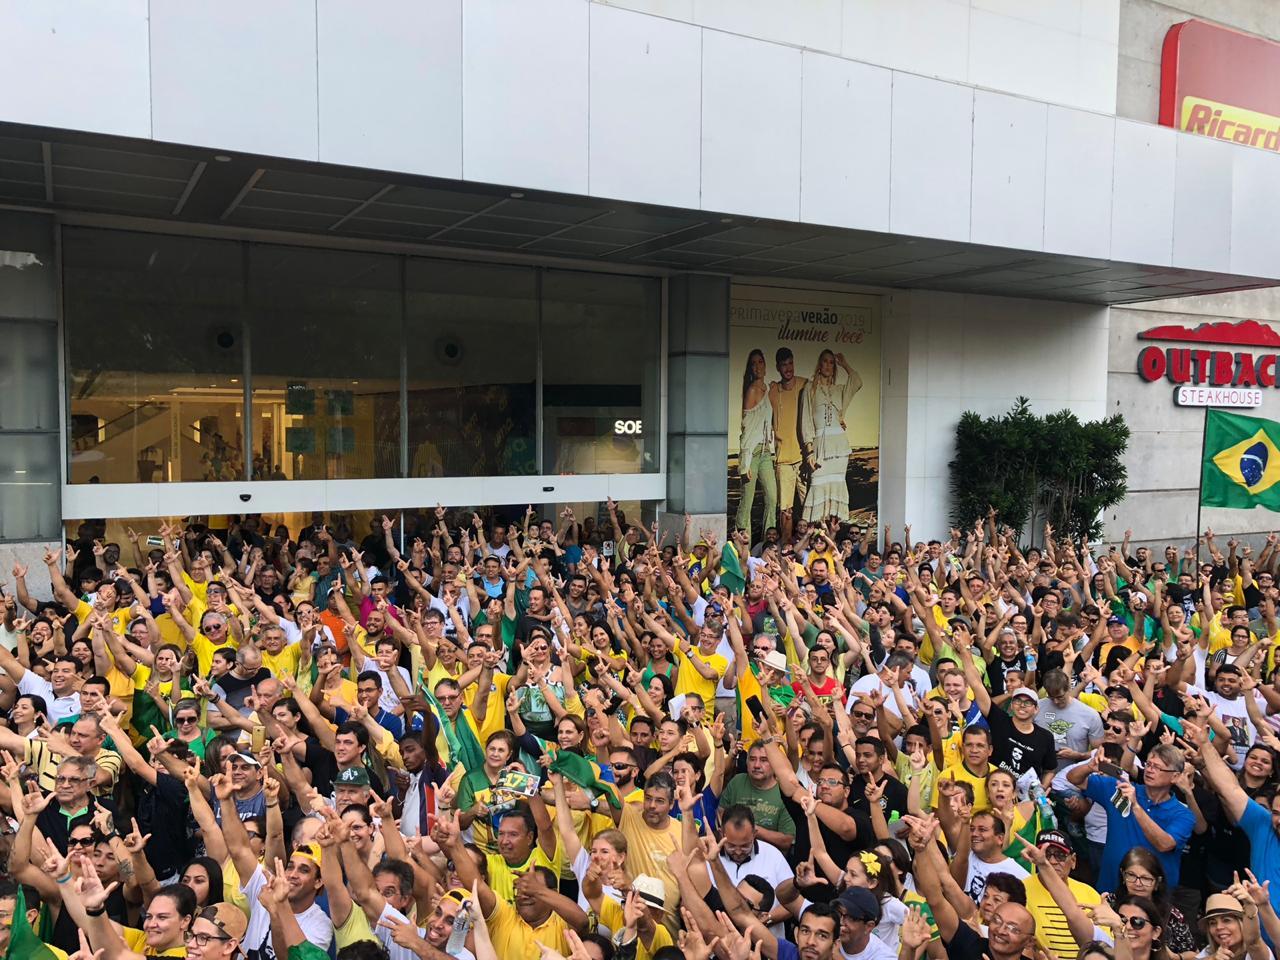 Movimentos de direita realizam protesto em apoio à Operação Lava Jato